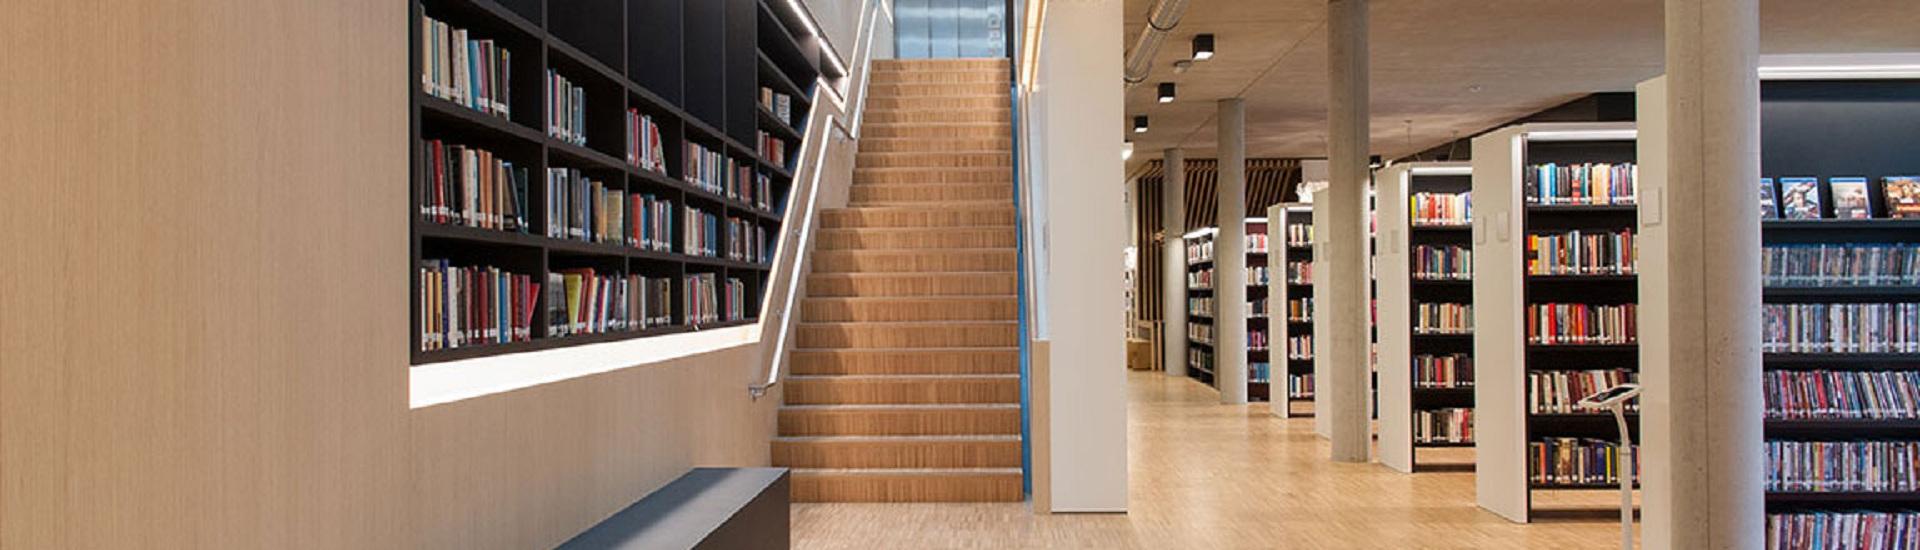 制作图书馆书架找密集架生产厂家